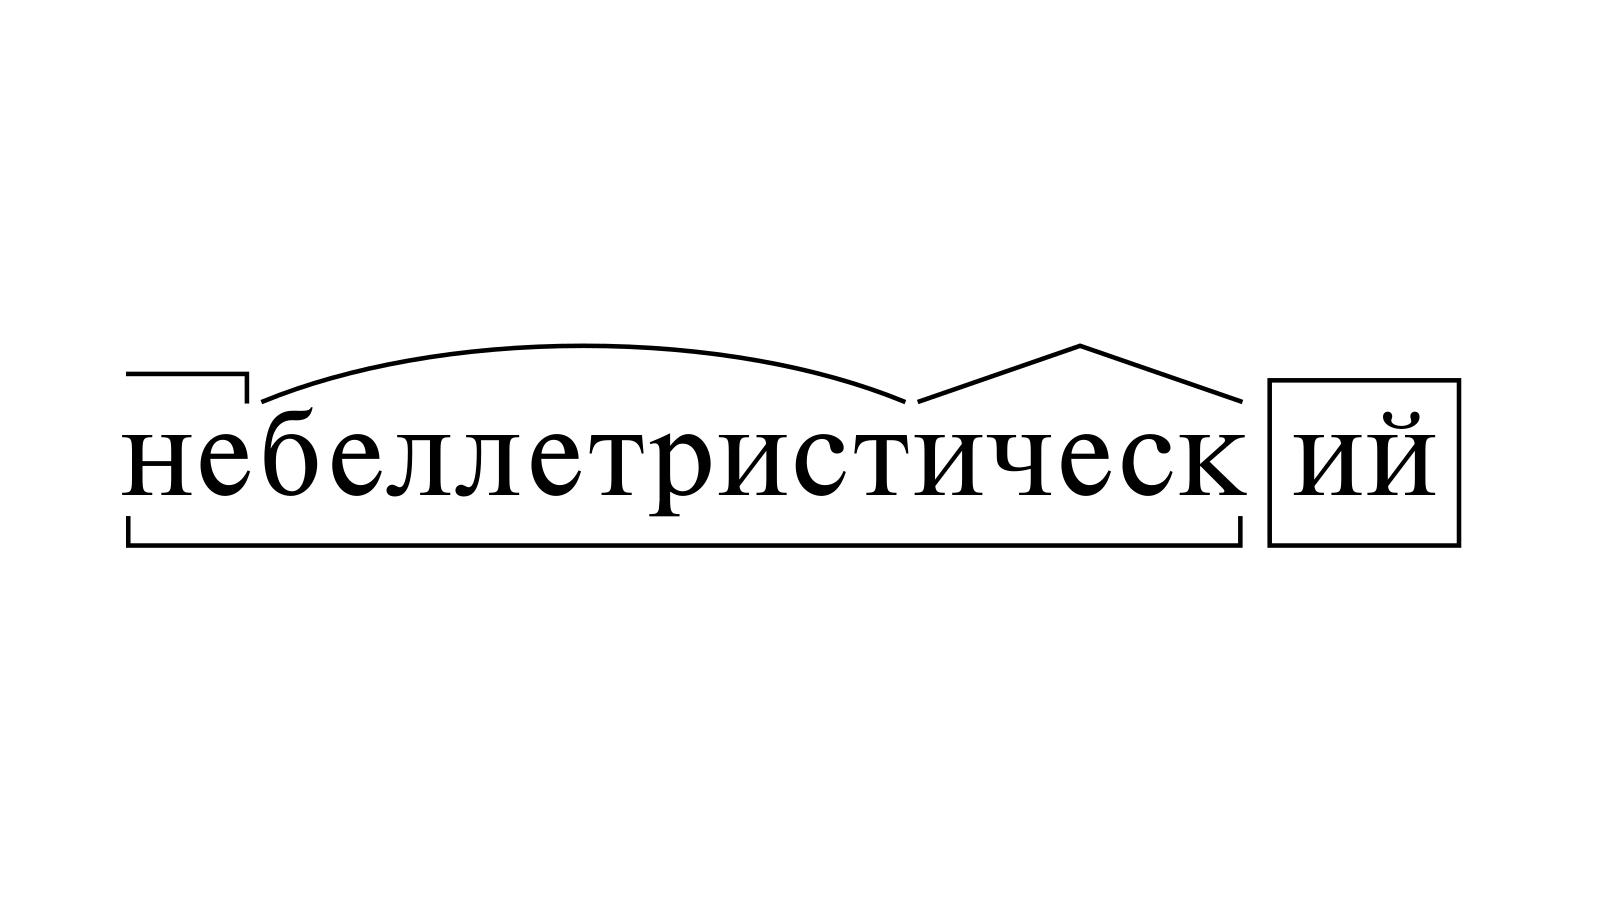 Разбор слова «небеллетристический» по составу